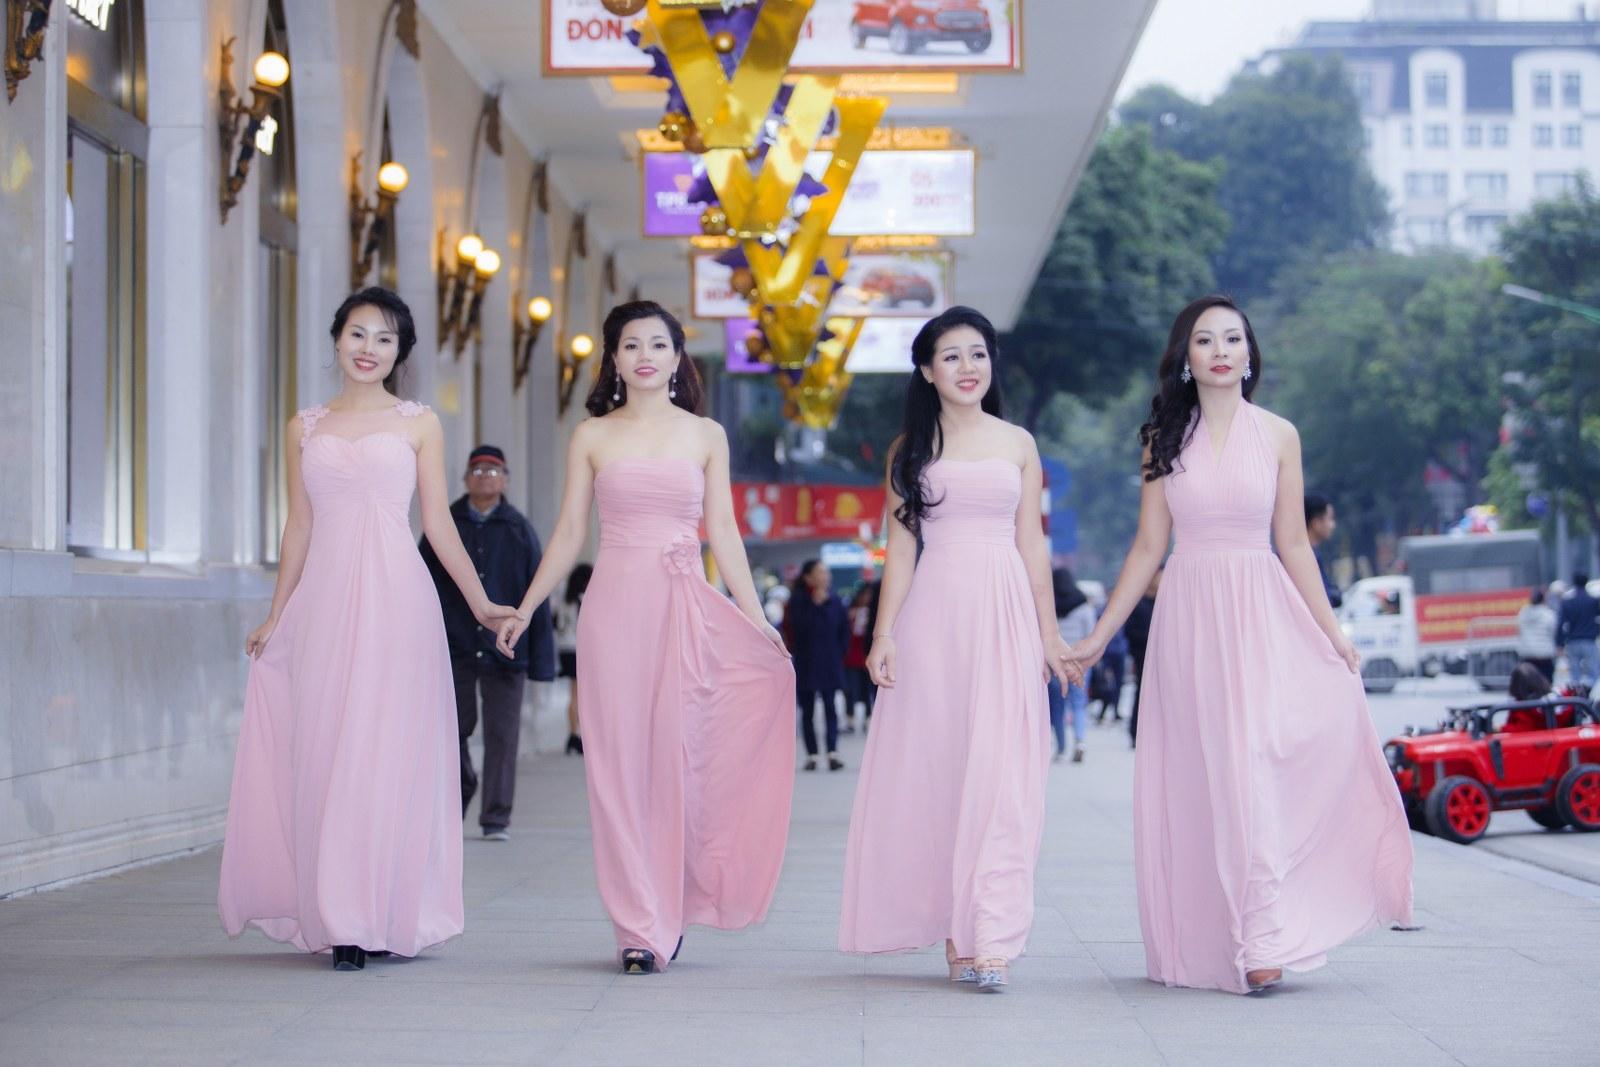 Nhóm nhạc nữ táo bạo thử sức với hướng đi bán cổ điển